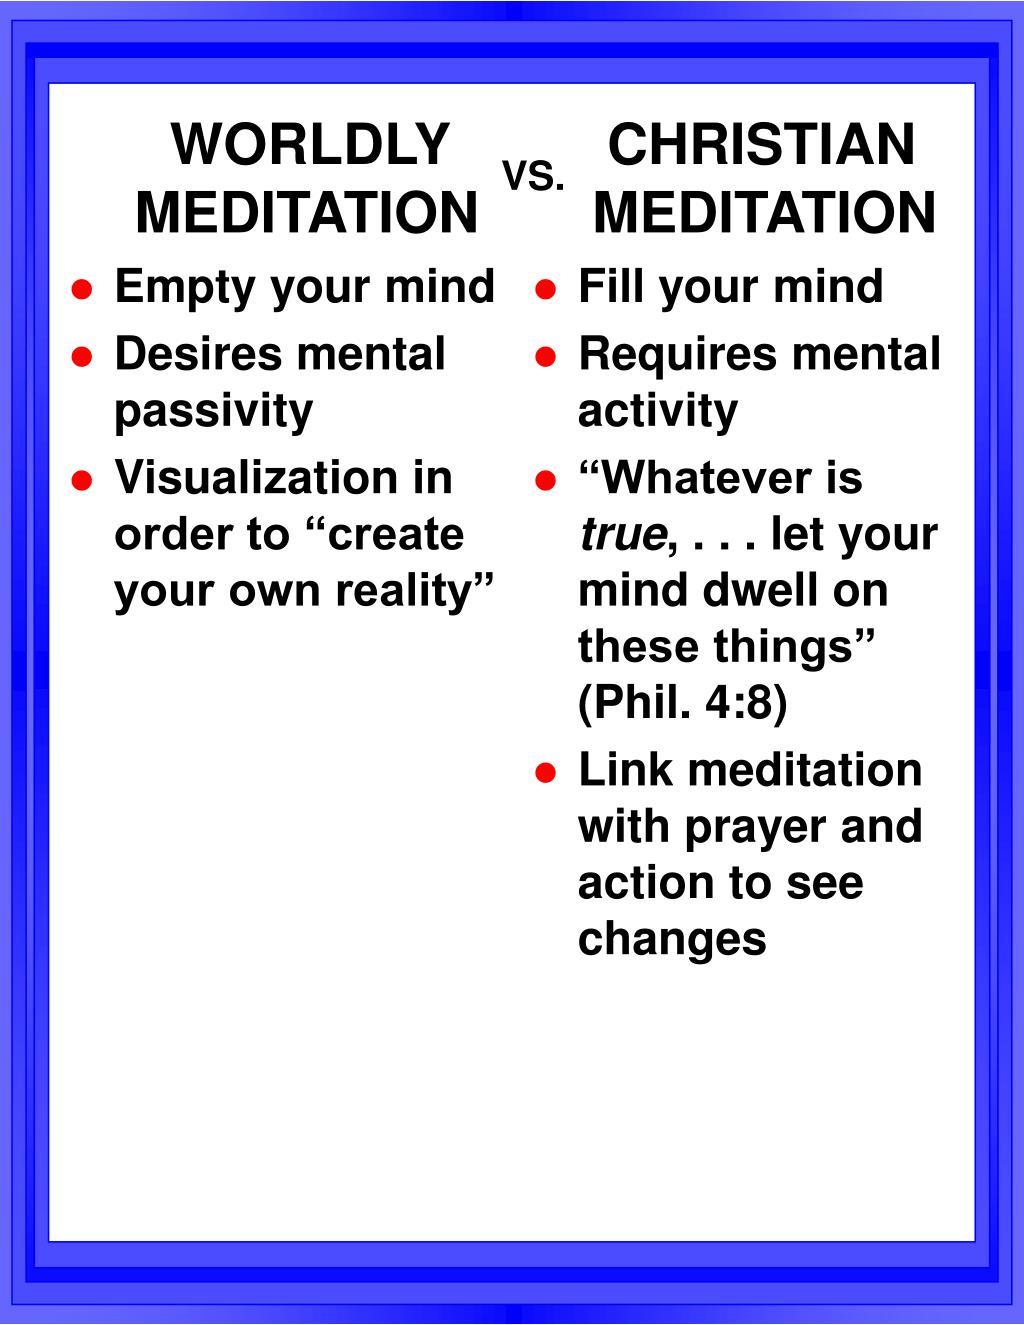 WORLDLY MEDITATION